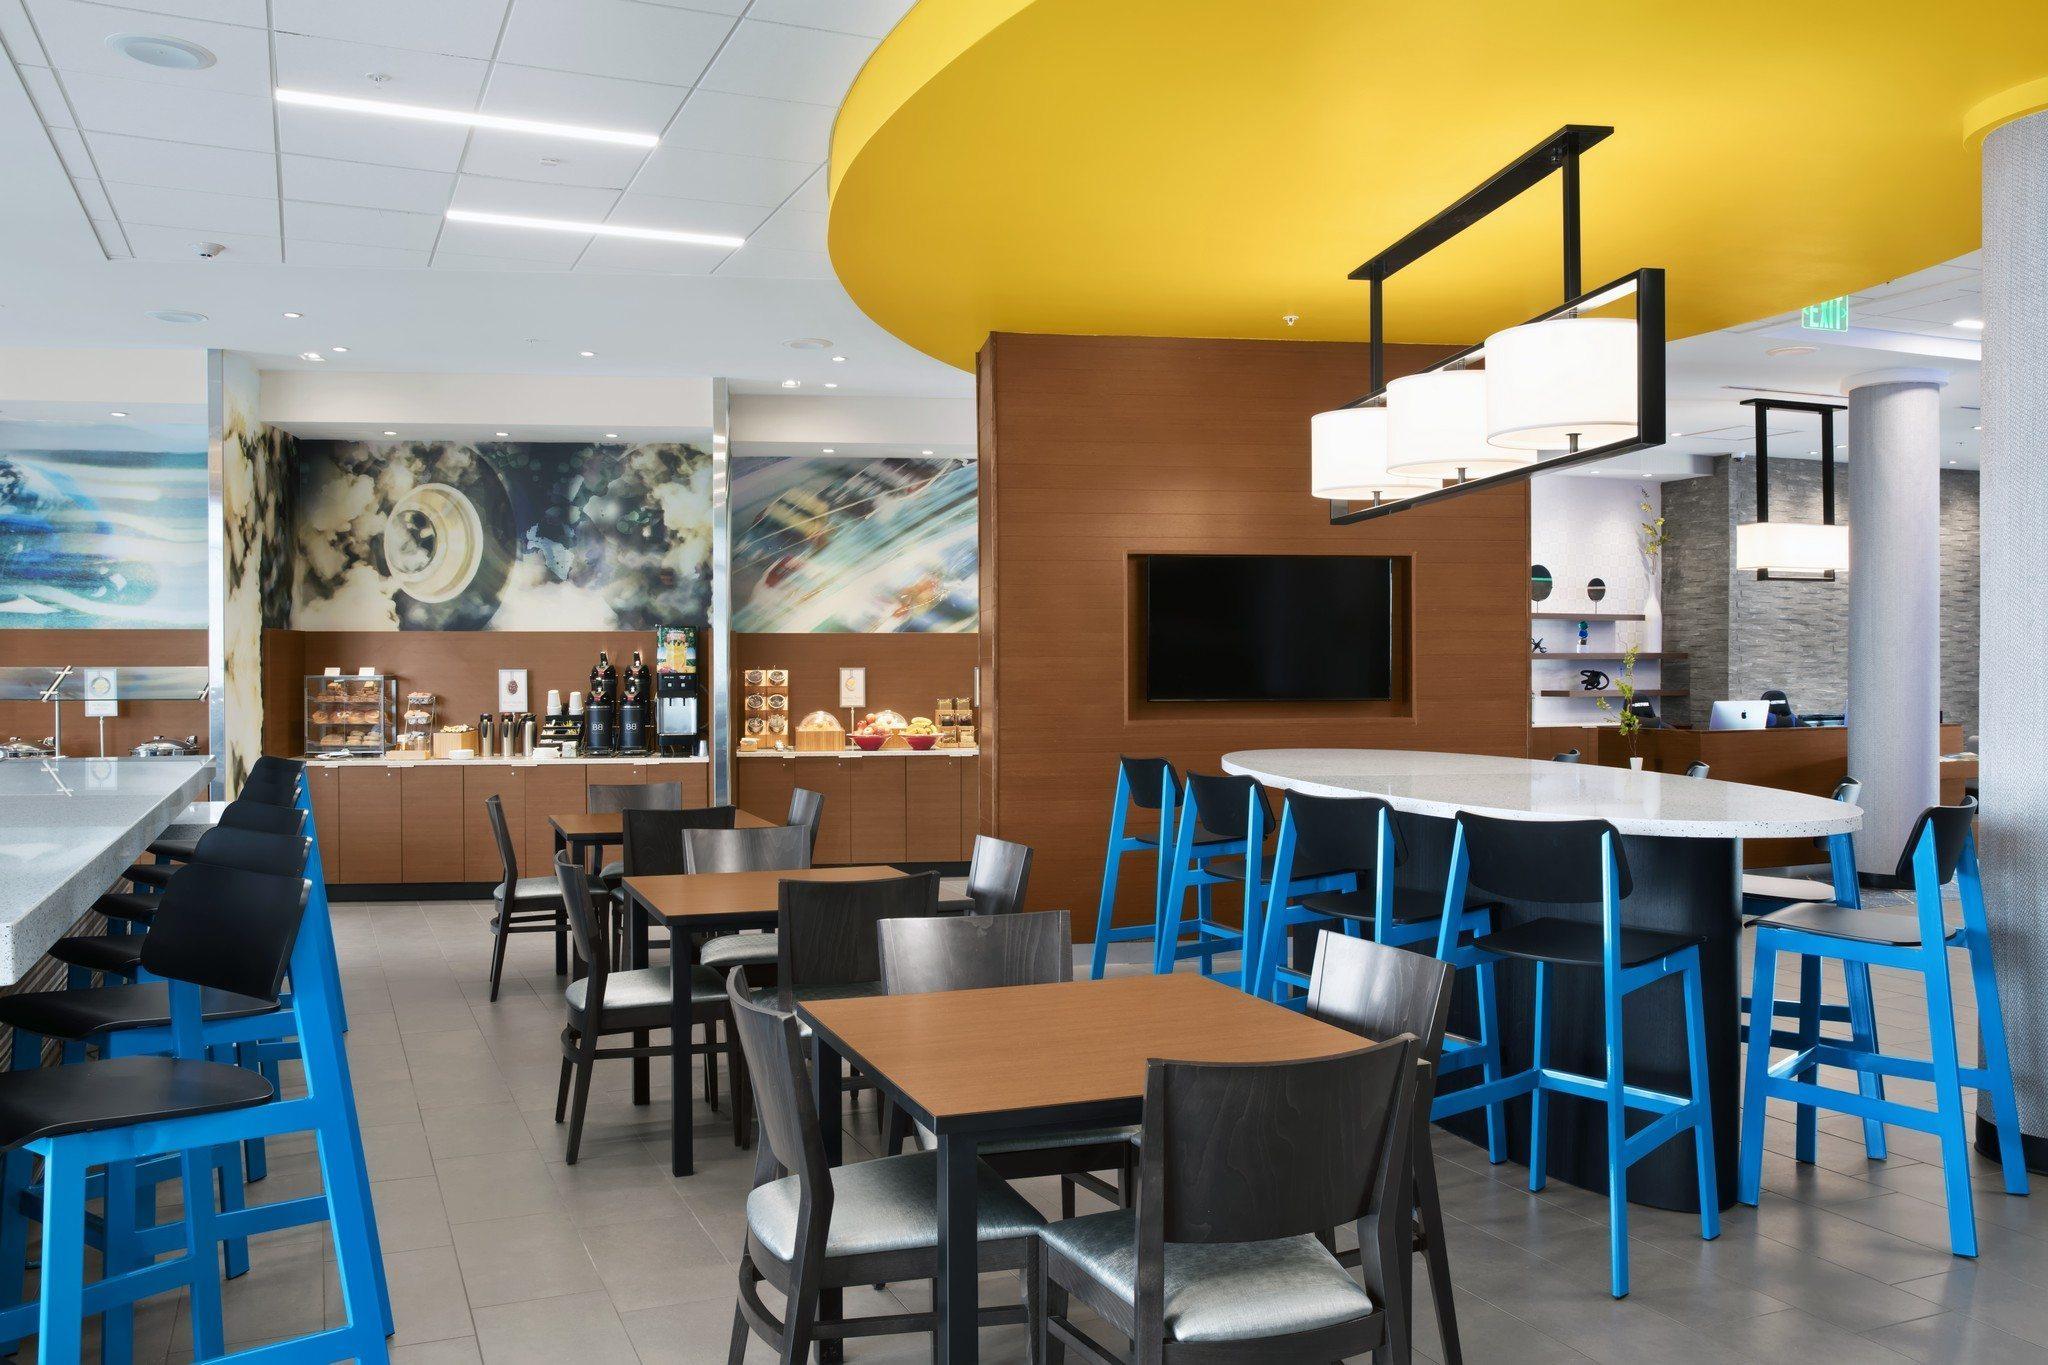 Fairfield Inn & Suites Daytona Beach Speedway/Airport breakfast area